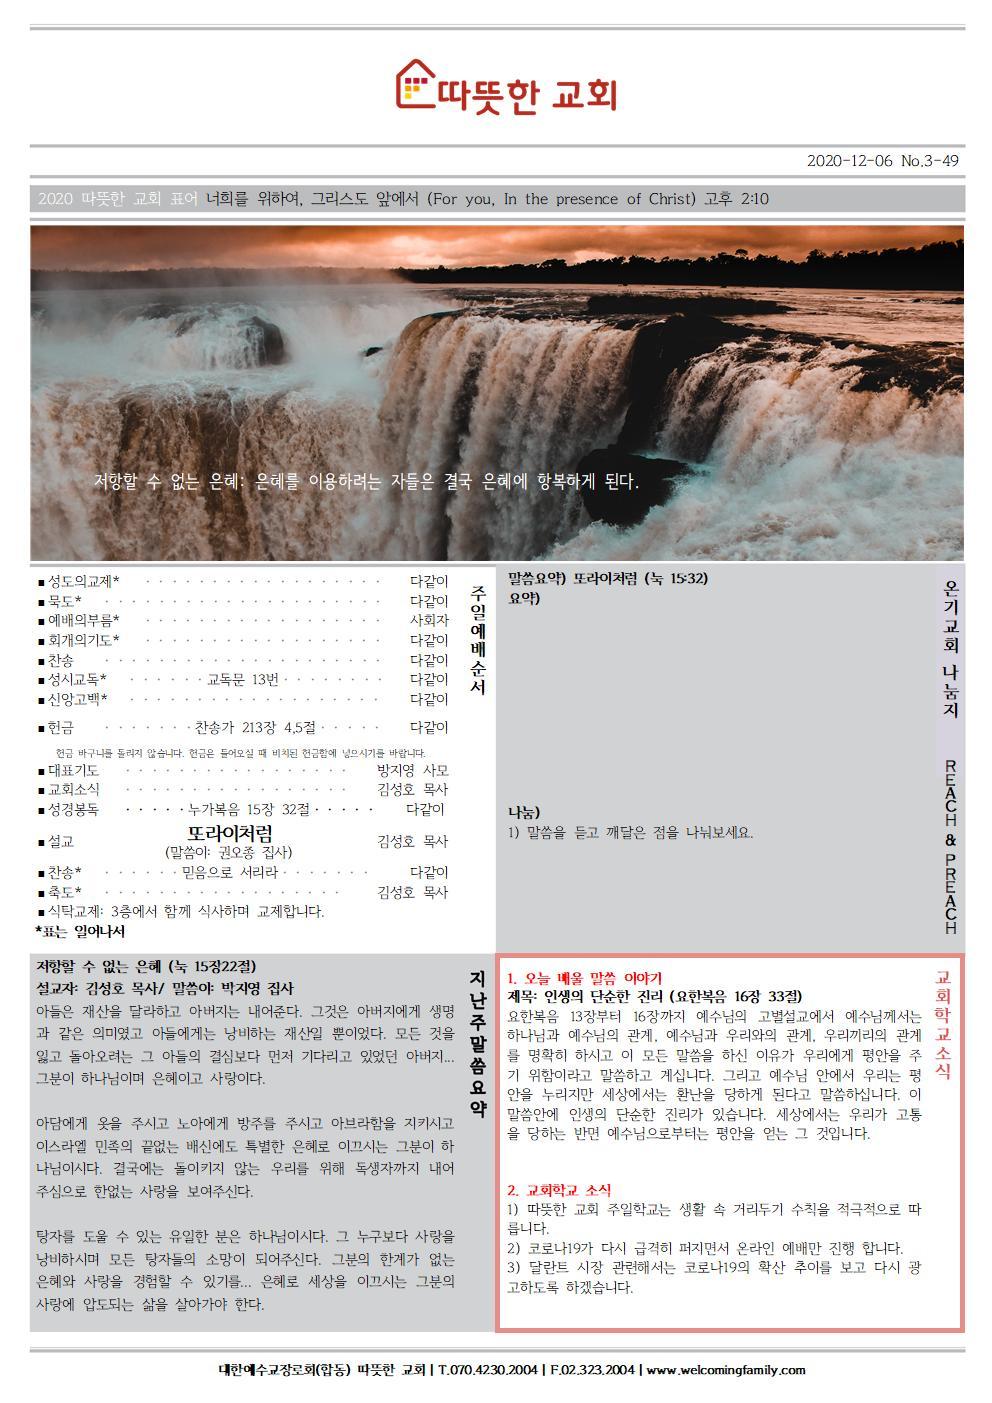 20201206 따뜻한교회 주보001.jpg